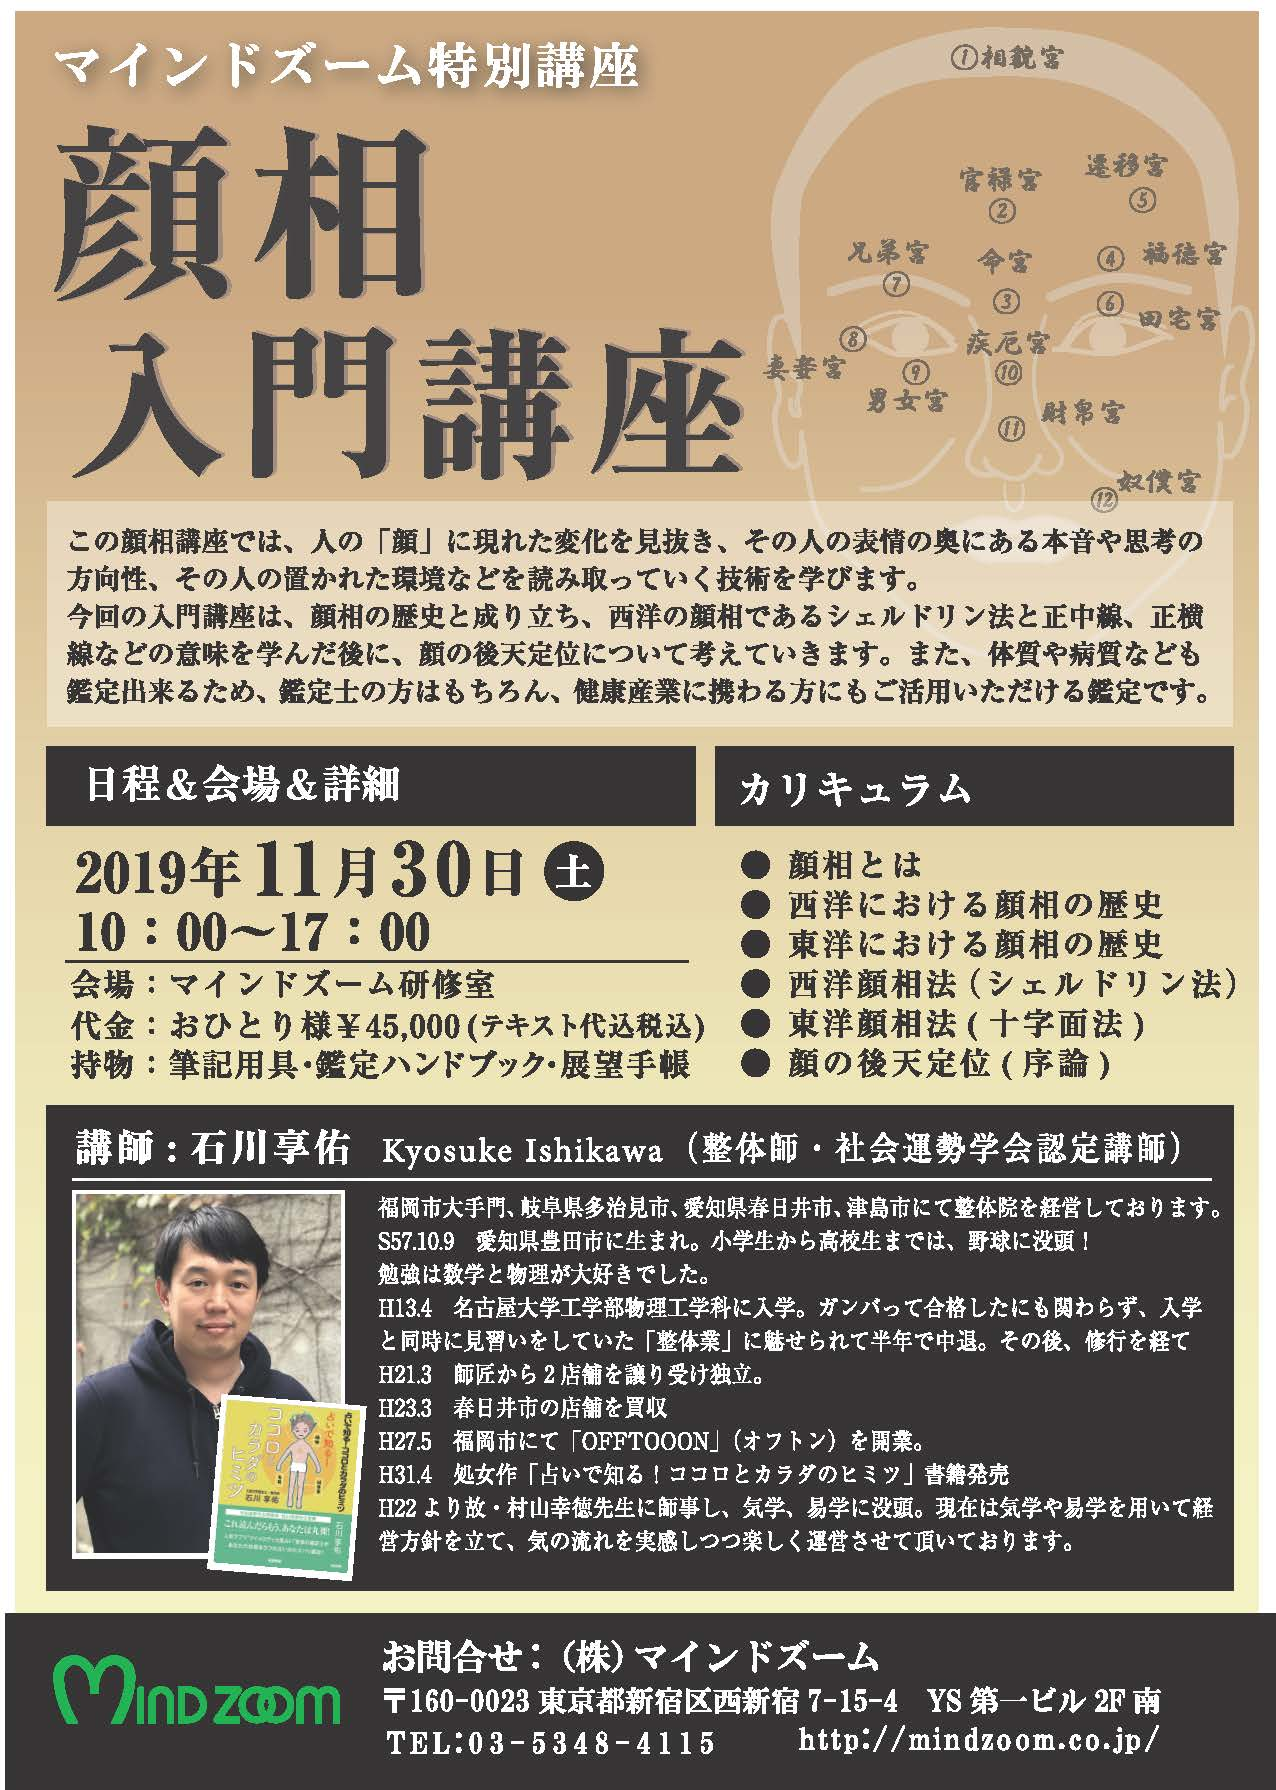 【お申込み受付中!】11/30(土)『顔相入門講座』